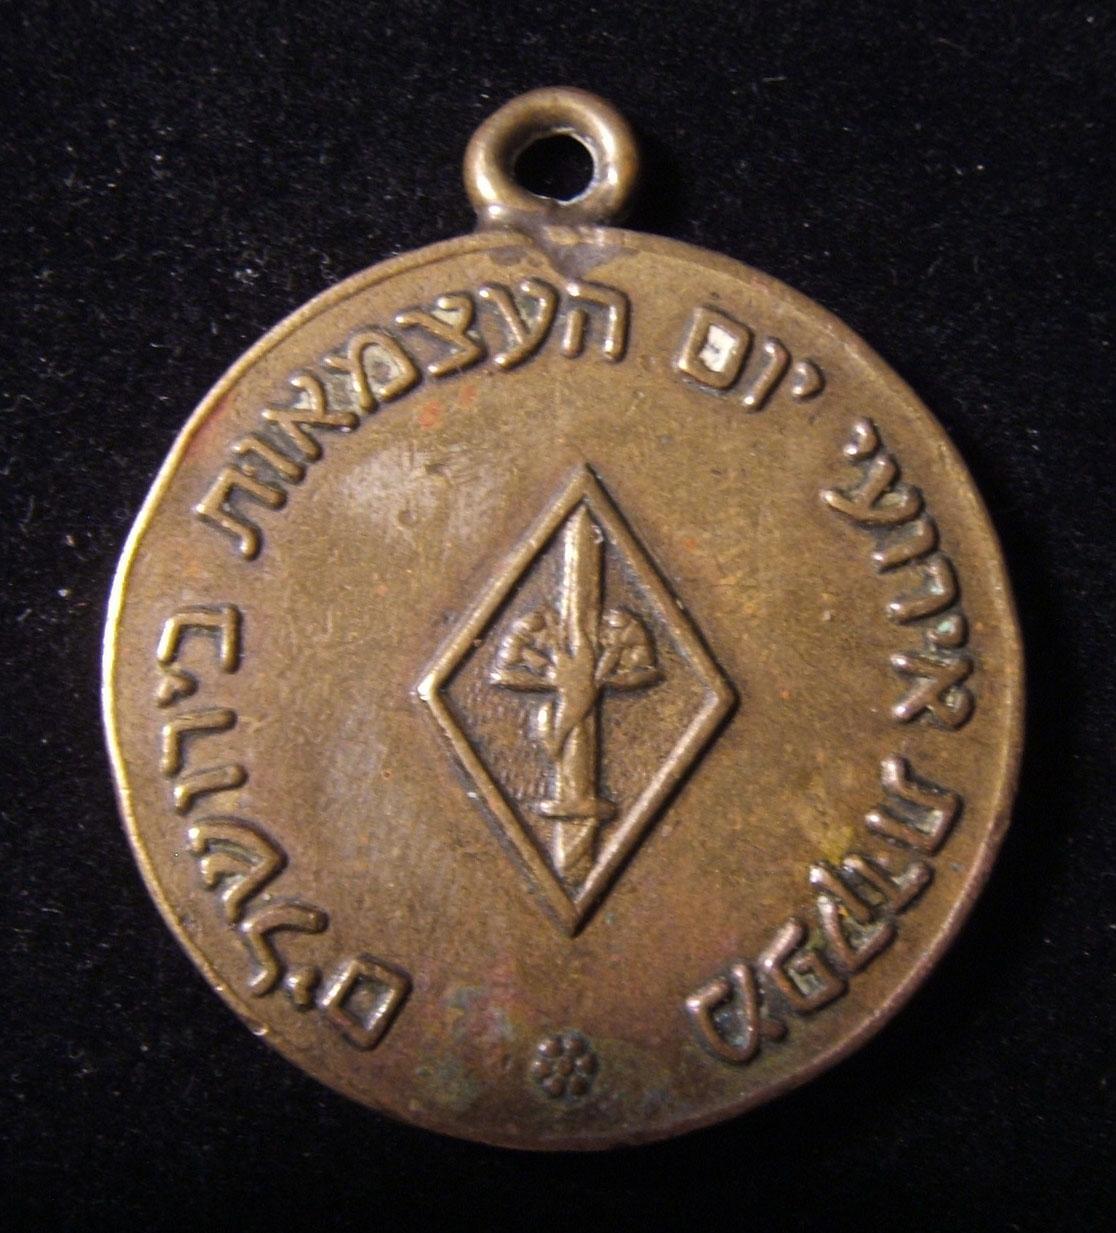 מדליית הוקרה לחברי החטיבה הירושלמית לסיוע יום העצמאות